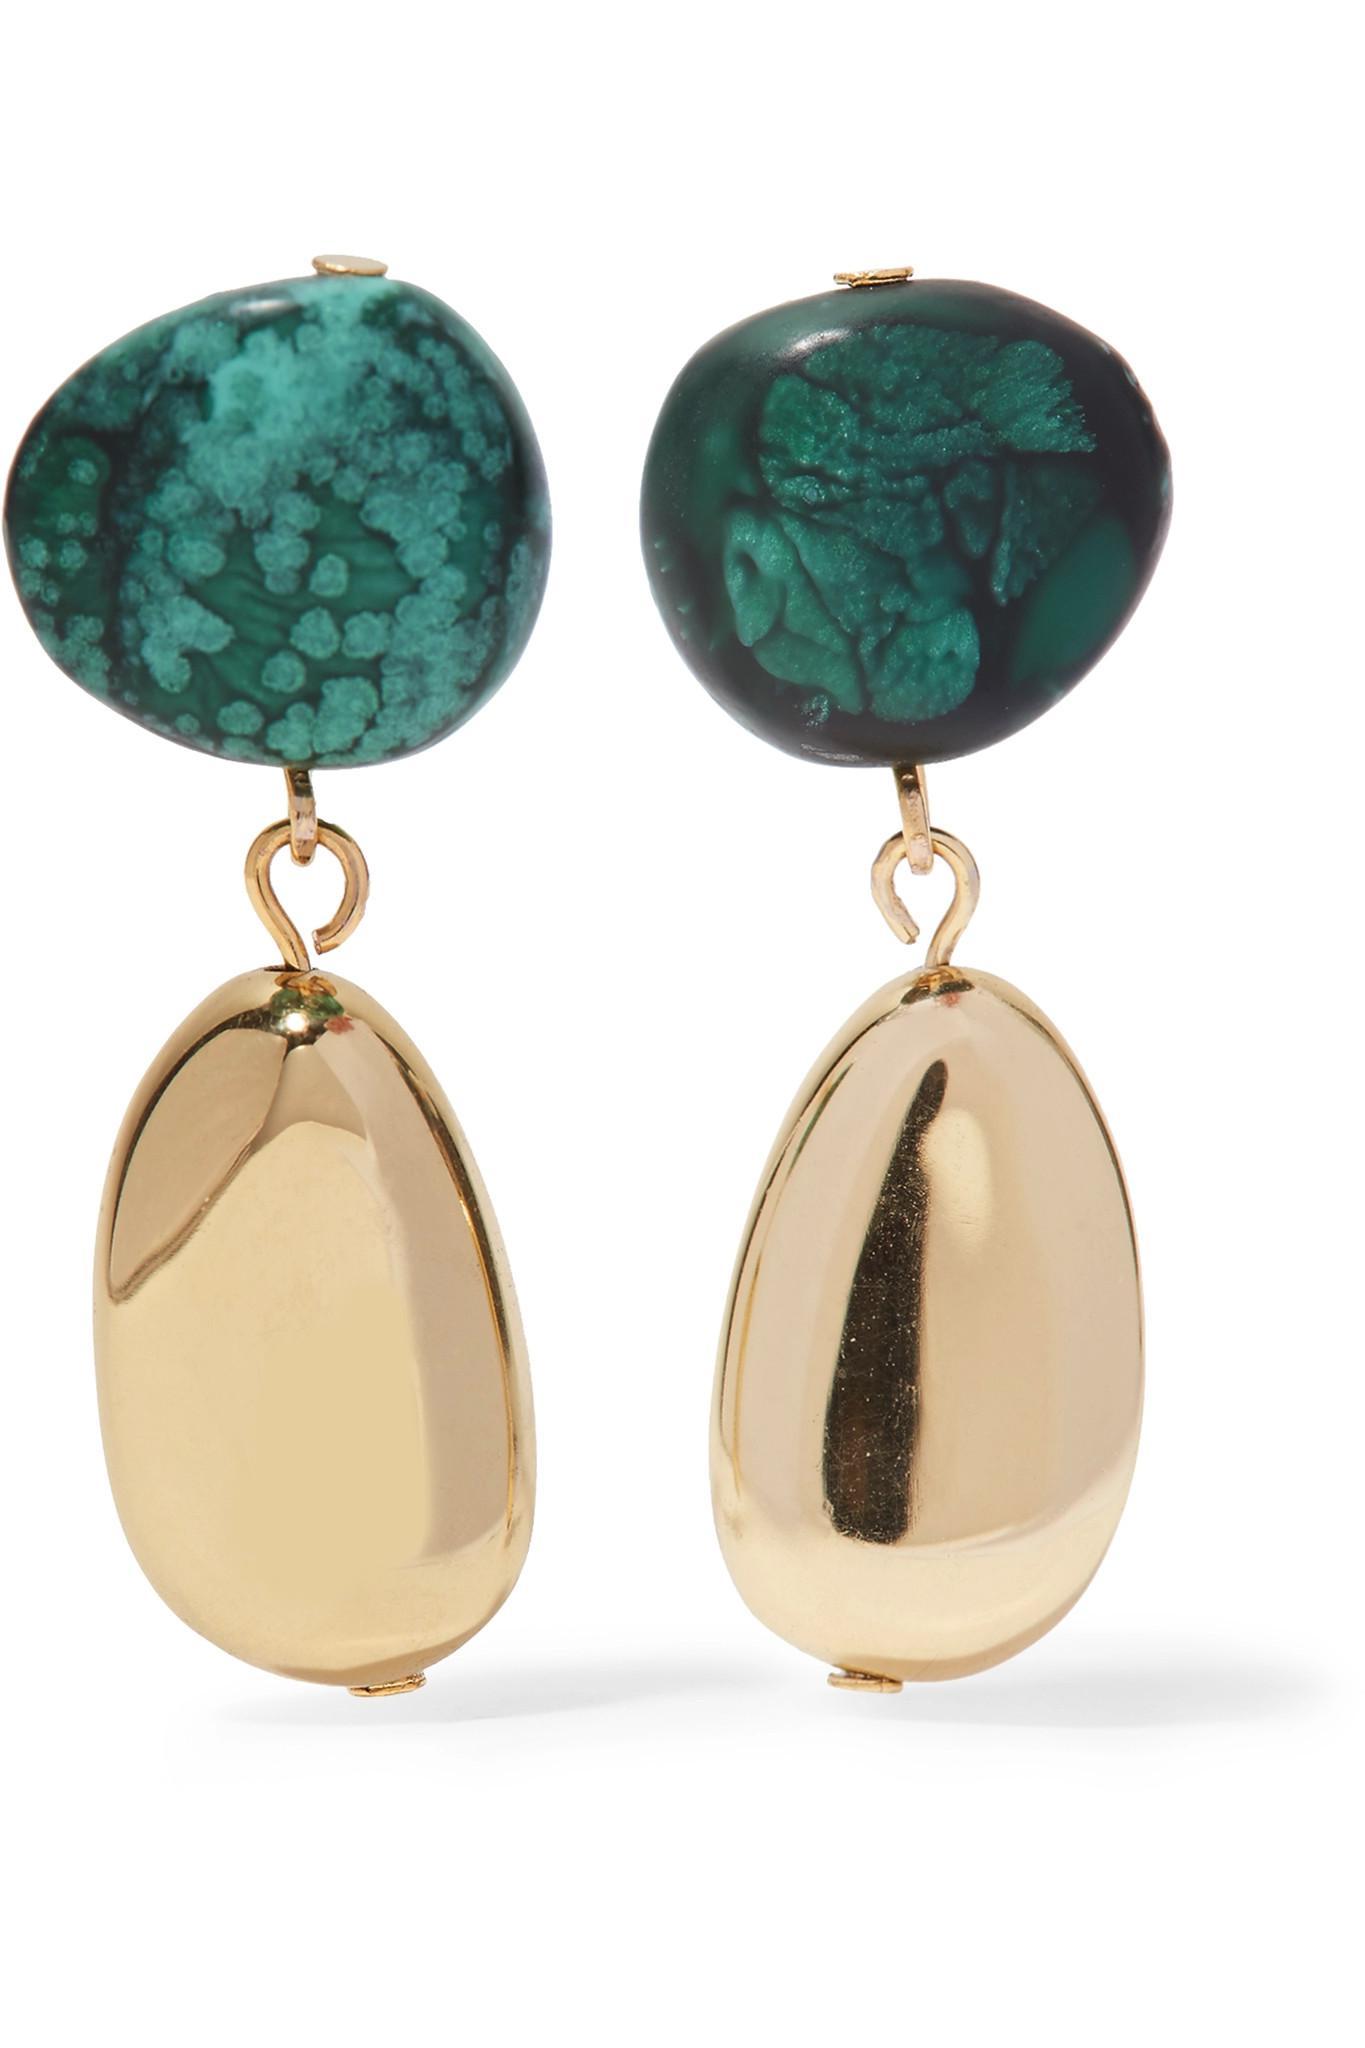 Gold-tone Resin Earrings - Green Dinosaur Designs V9zBwKD